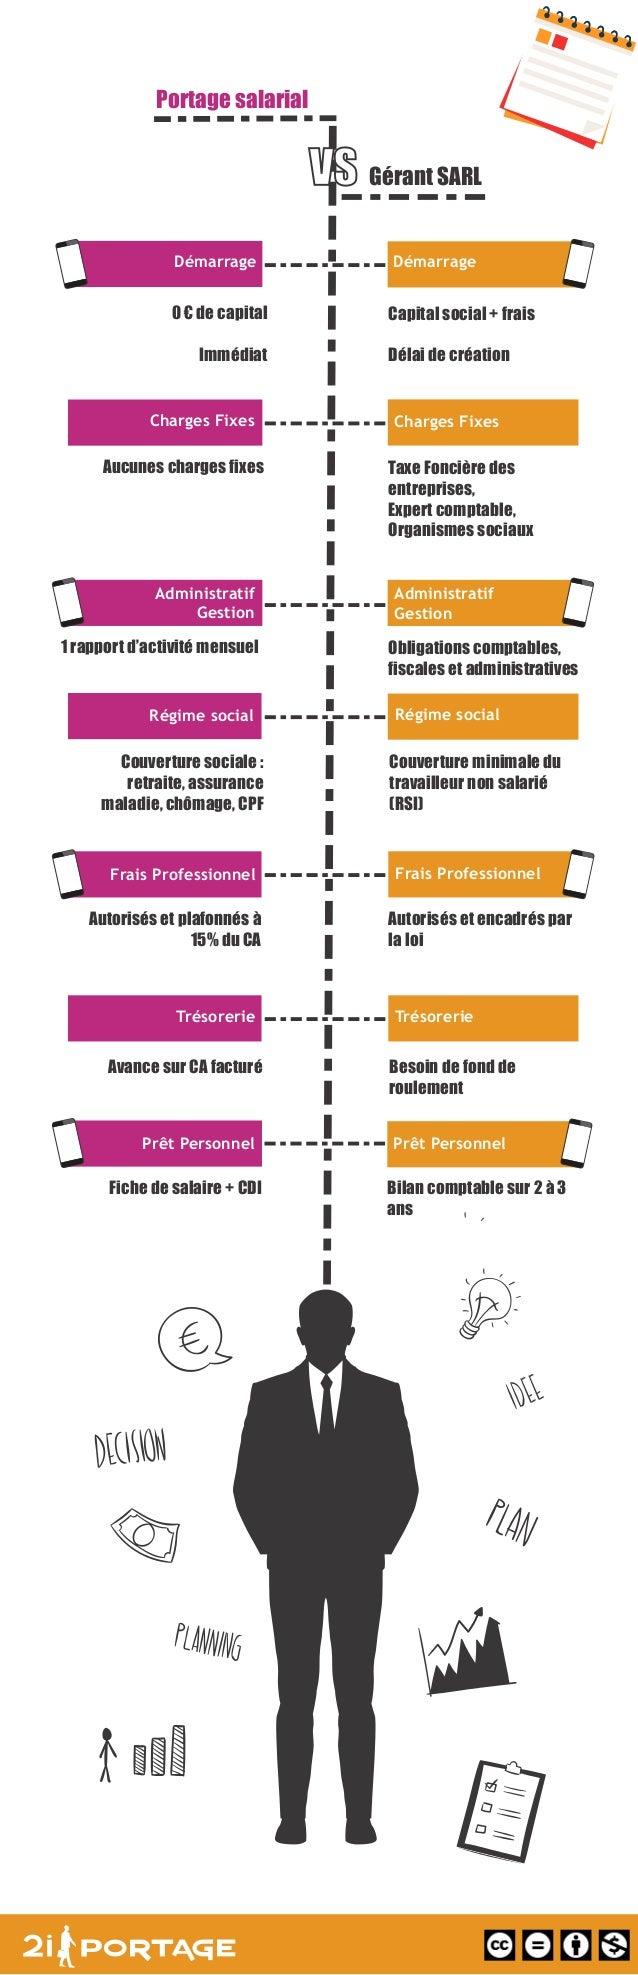 Portage salarial Gérant SARL DémarrageDémarrage 0 € de capital Immédiat Capital social + frais Délai de création Charges F...